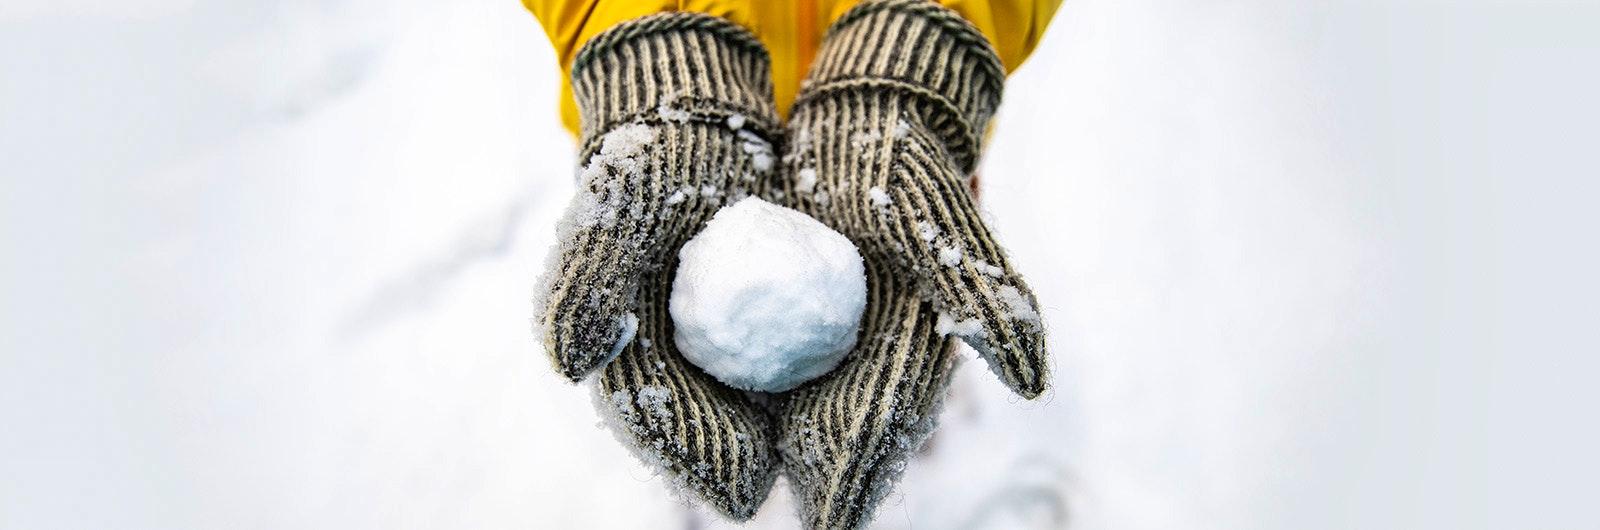 snöboll i ullvantar under vintersvemester